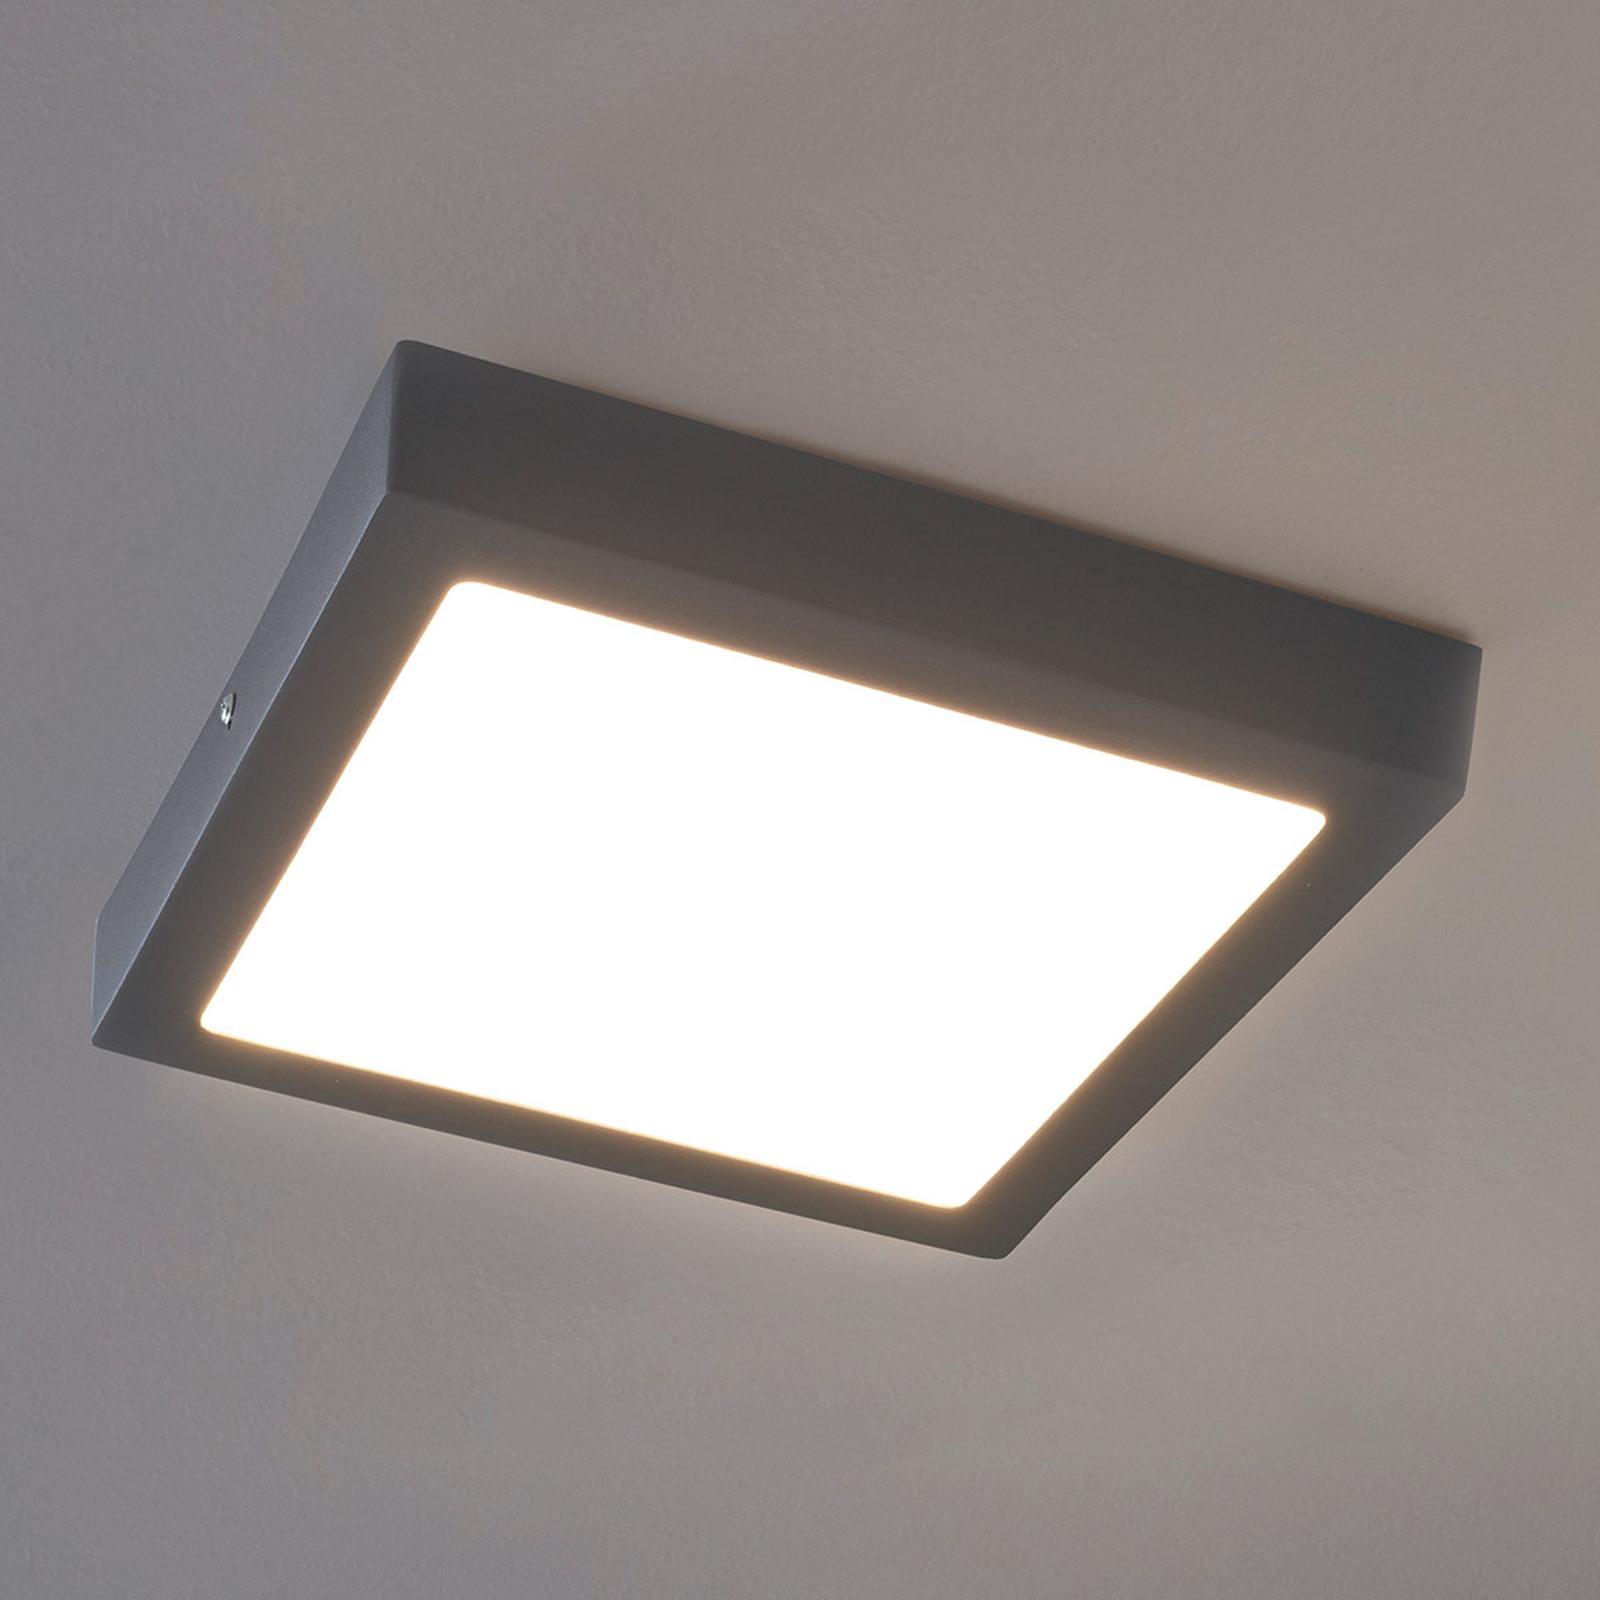 LED-taklampe Argolis til uteområdet